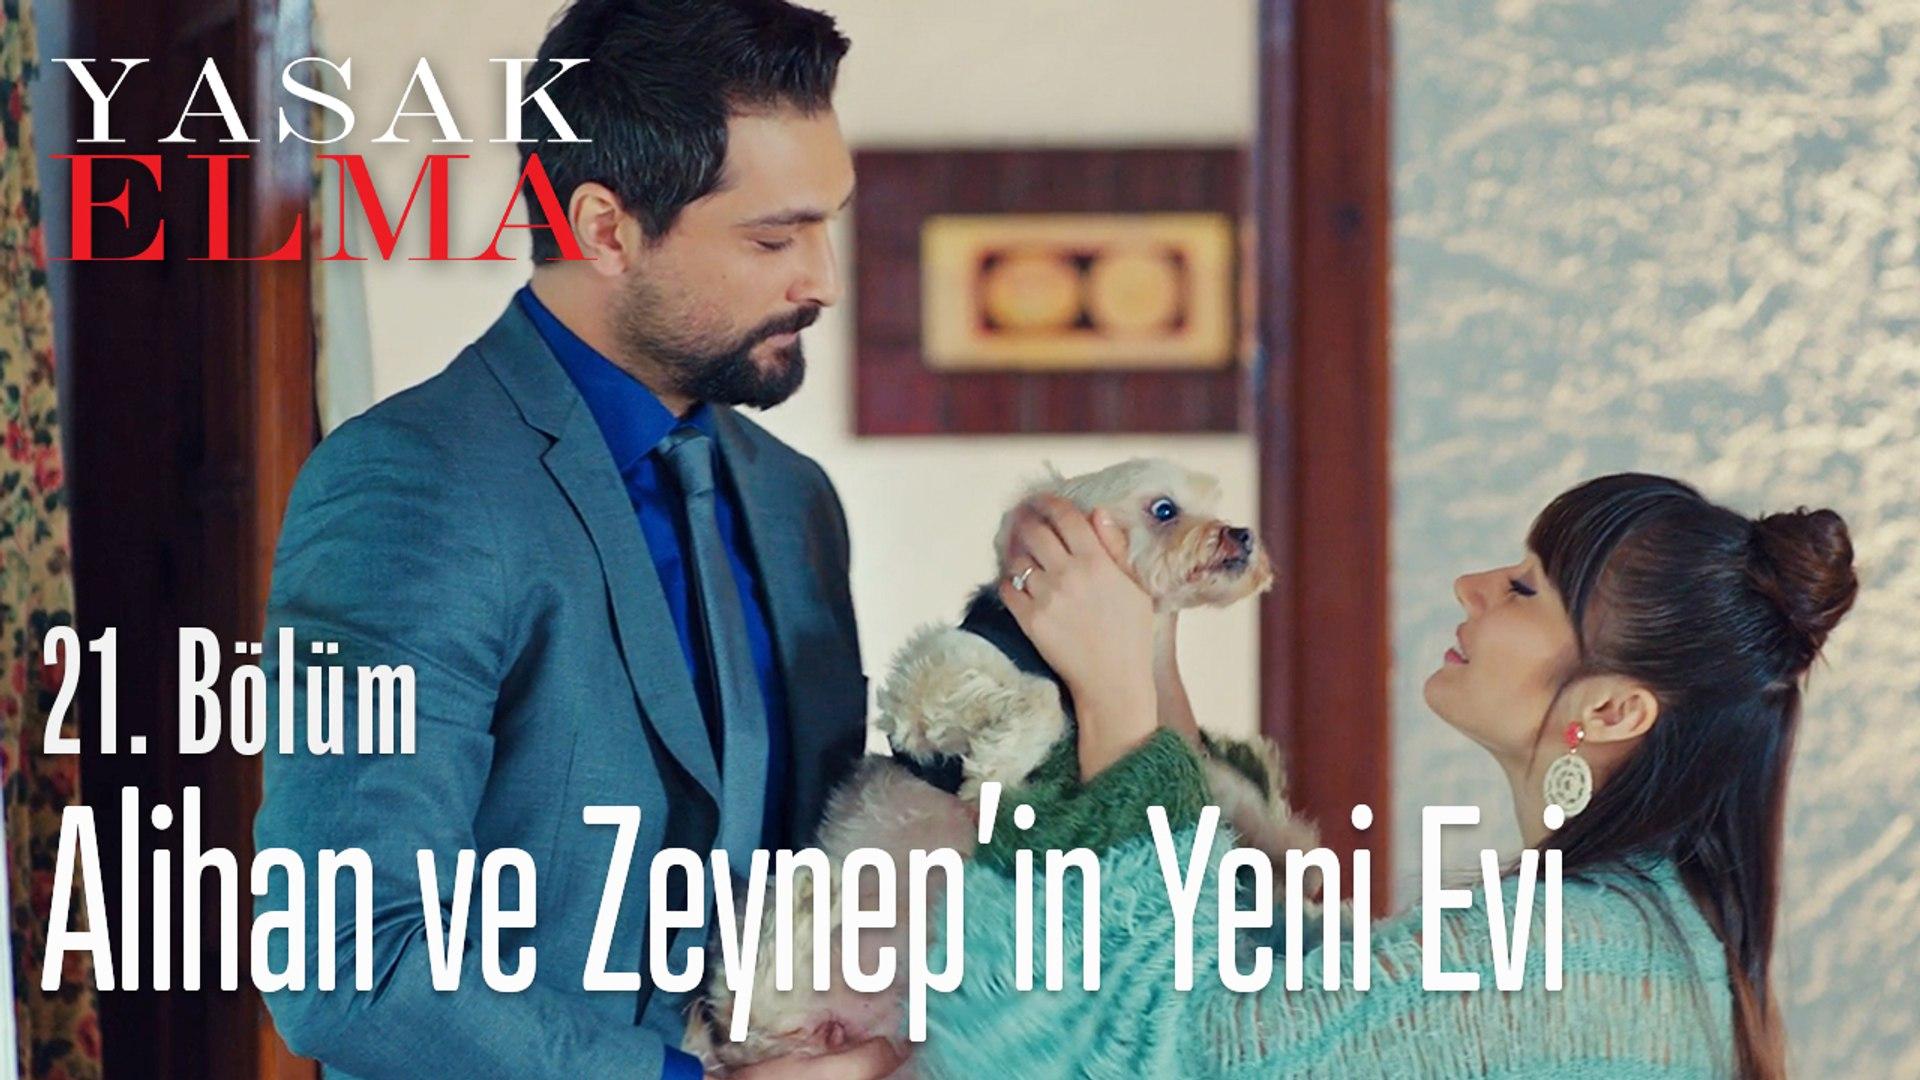 Alihan ve Zeynep'in yeni evi - Yasak Elma 21. Bölüm